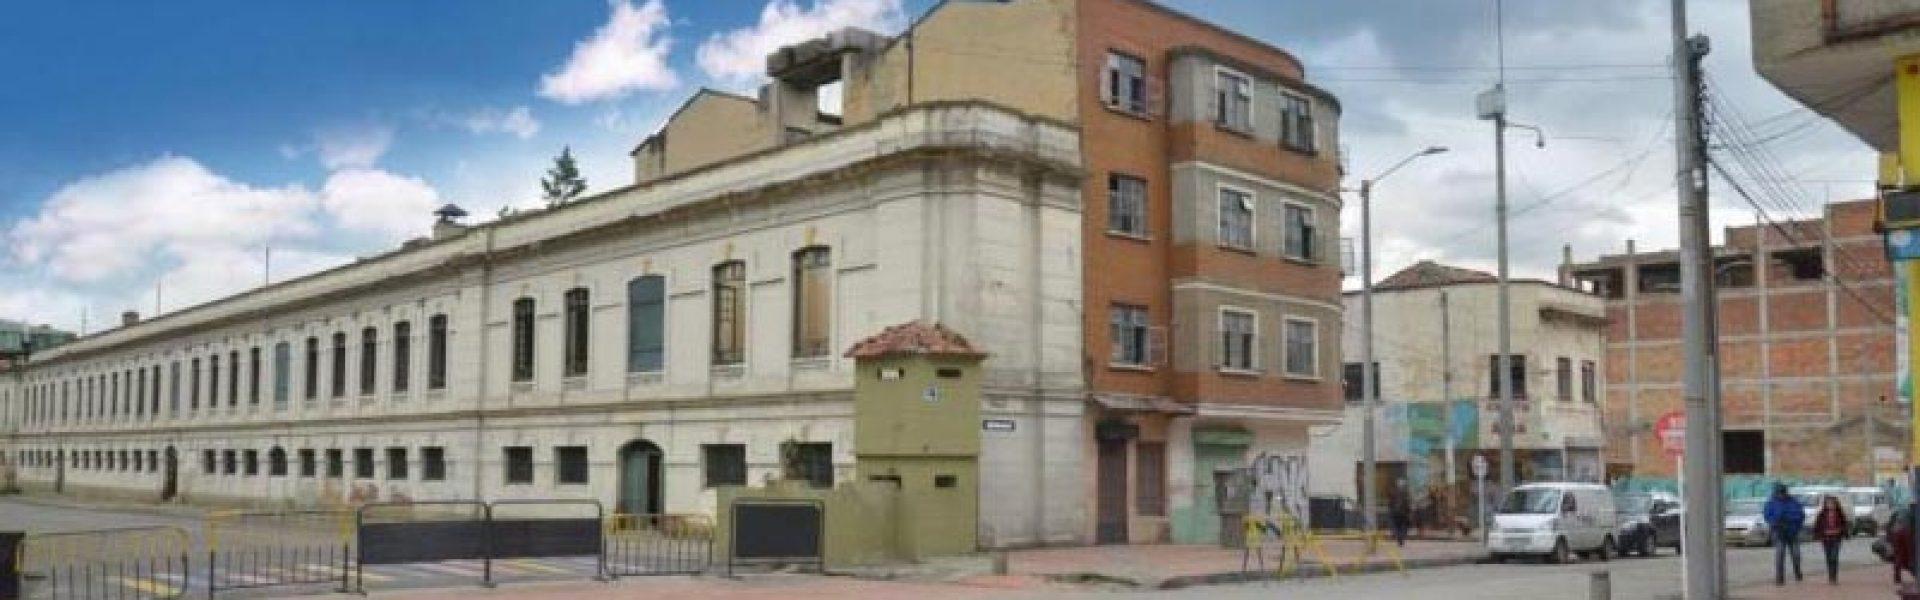 Con-recuperación-del-edificio-La-Flauta,-construido-en-1930,-arranca-reconstrucción-del-Bronx